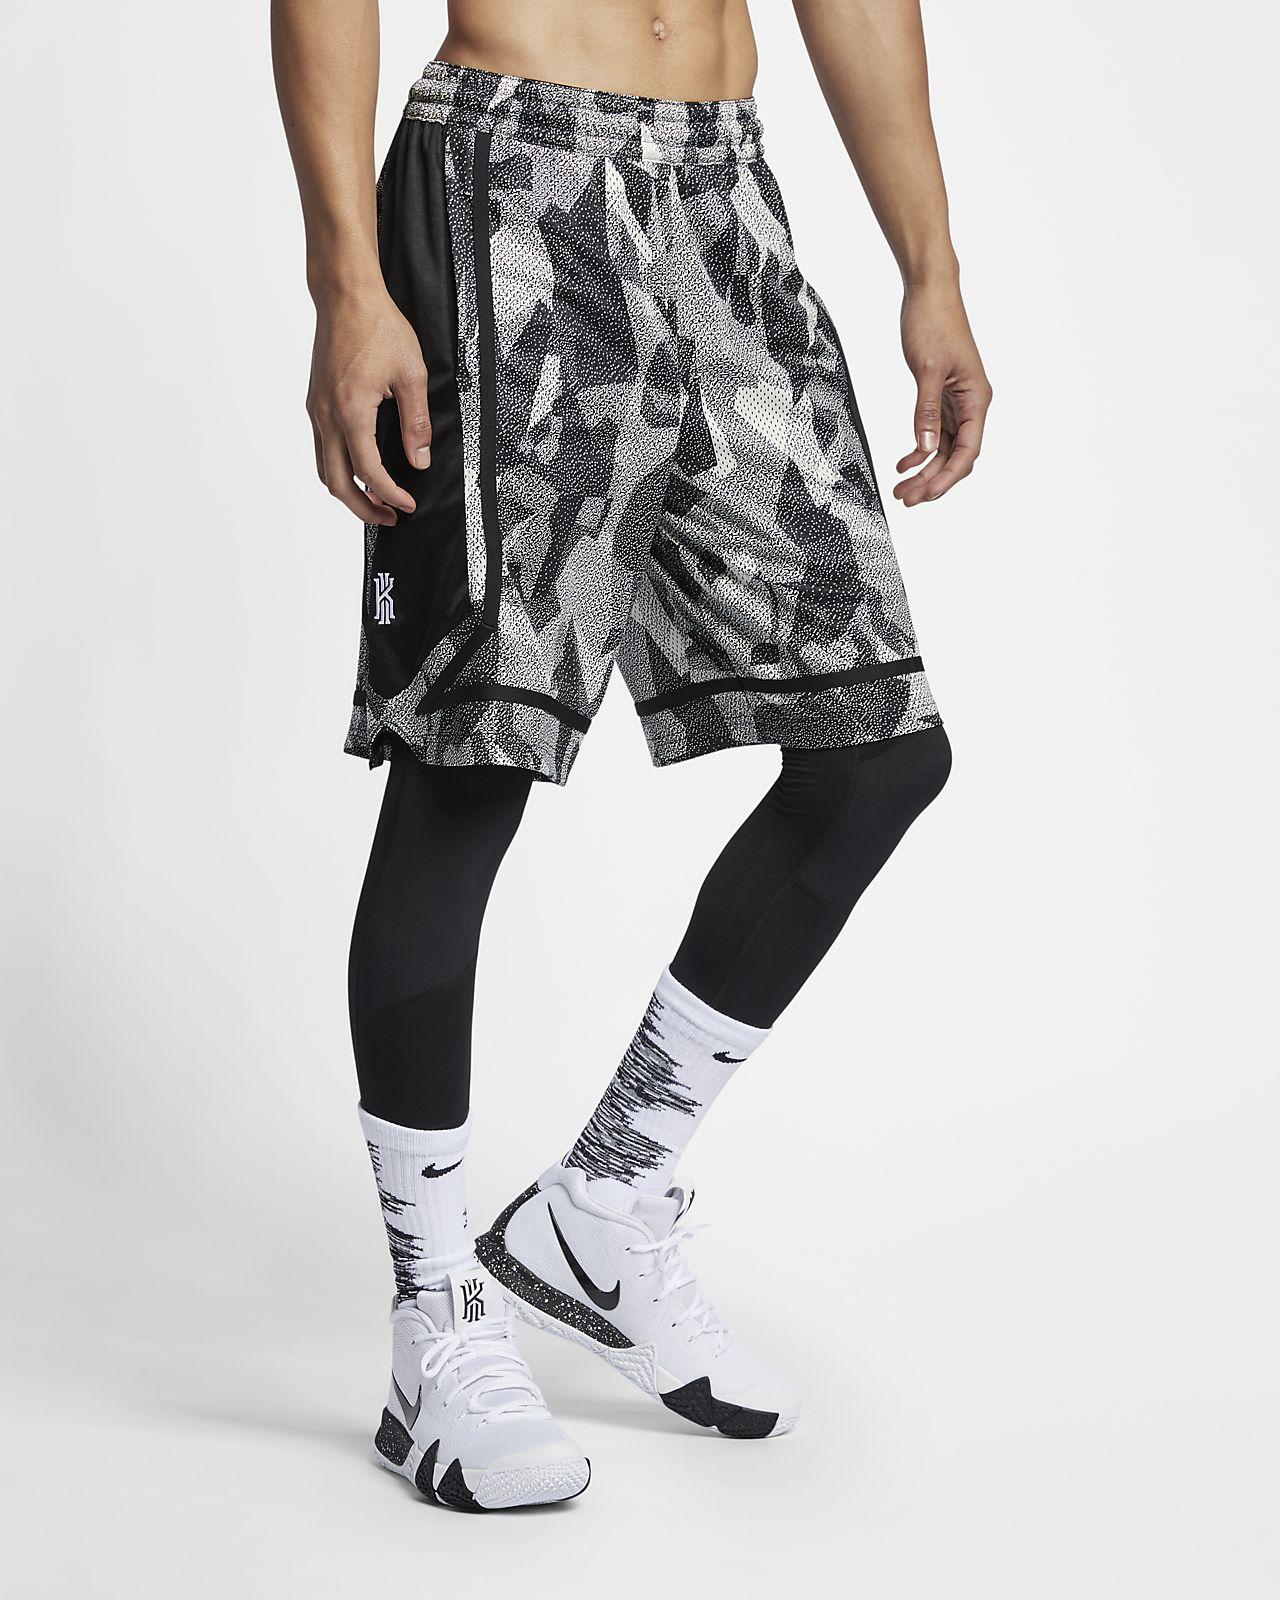 0642ffb6db620 Kyrie Dri-FIT Elite Men s Basketball Shorts. Nike.com AU